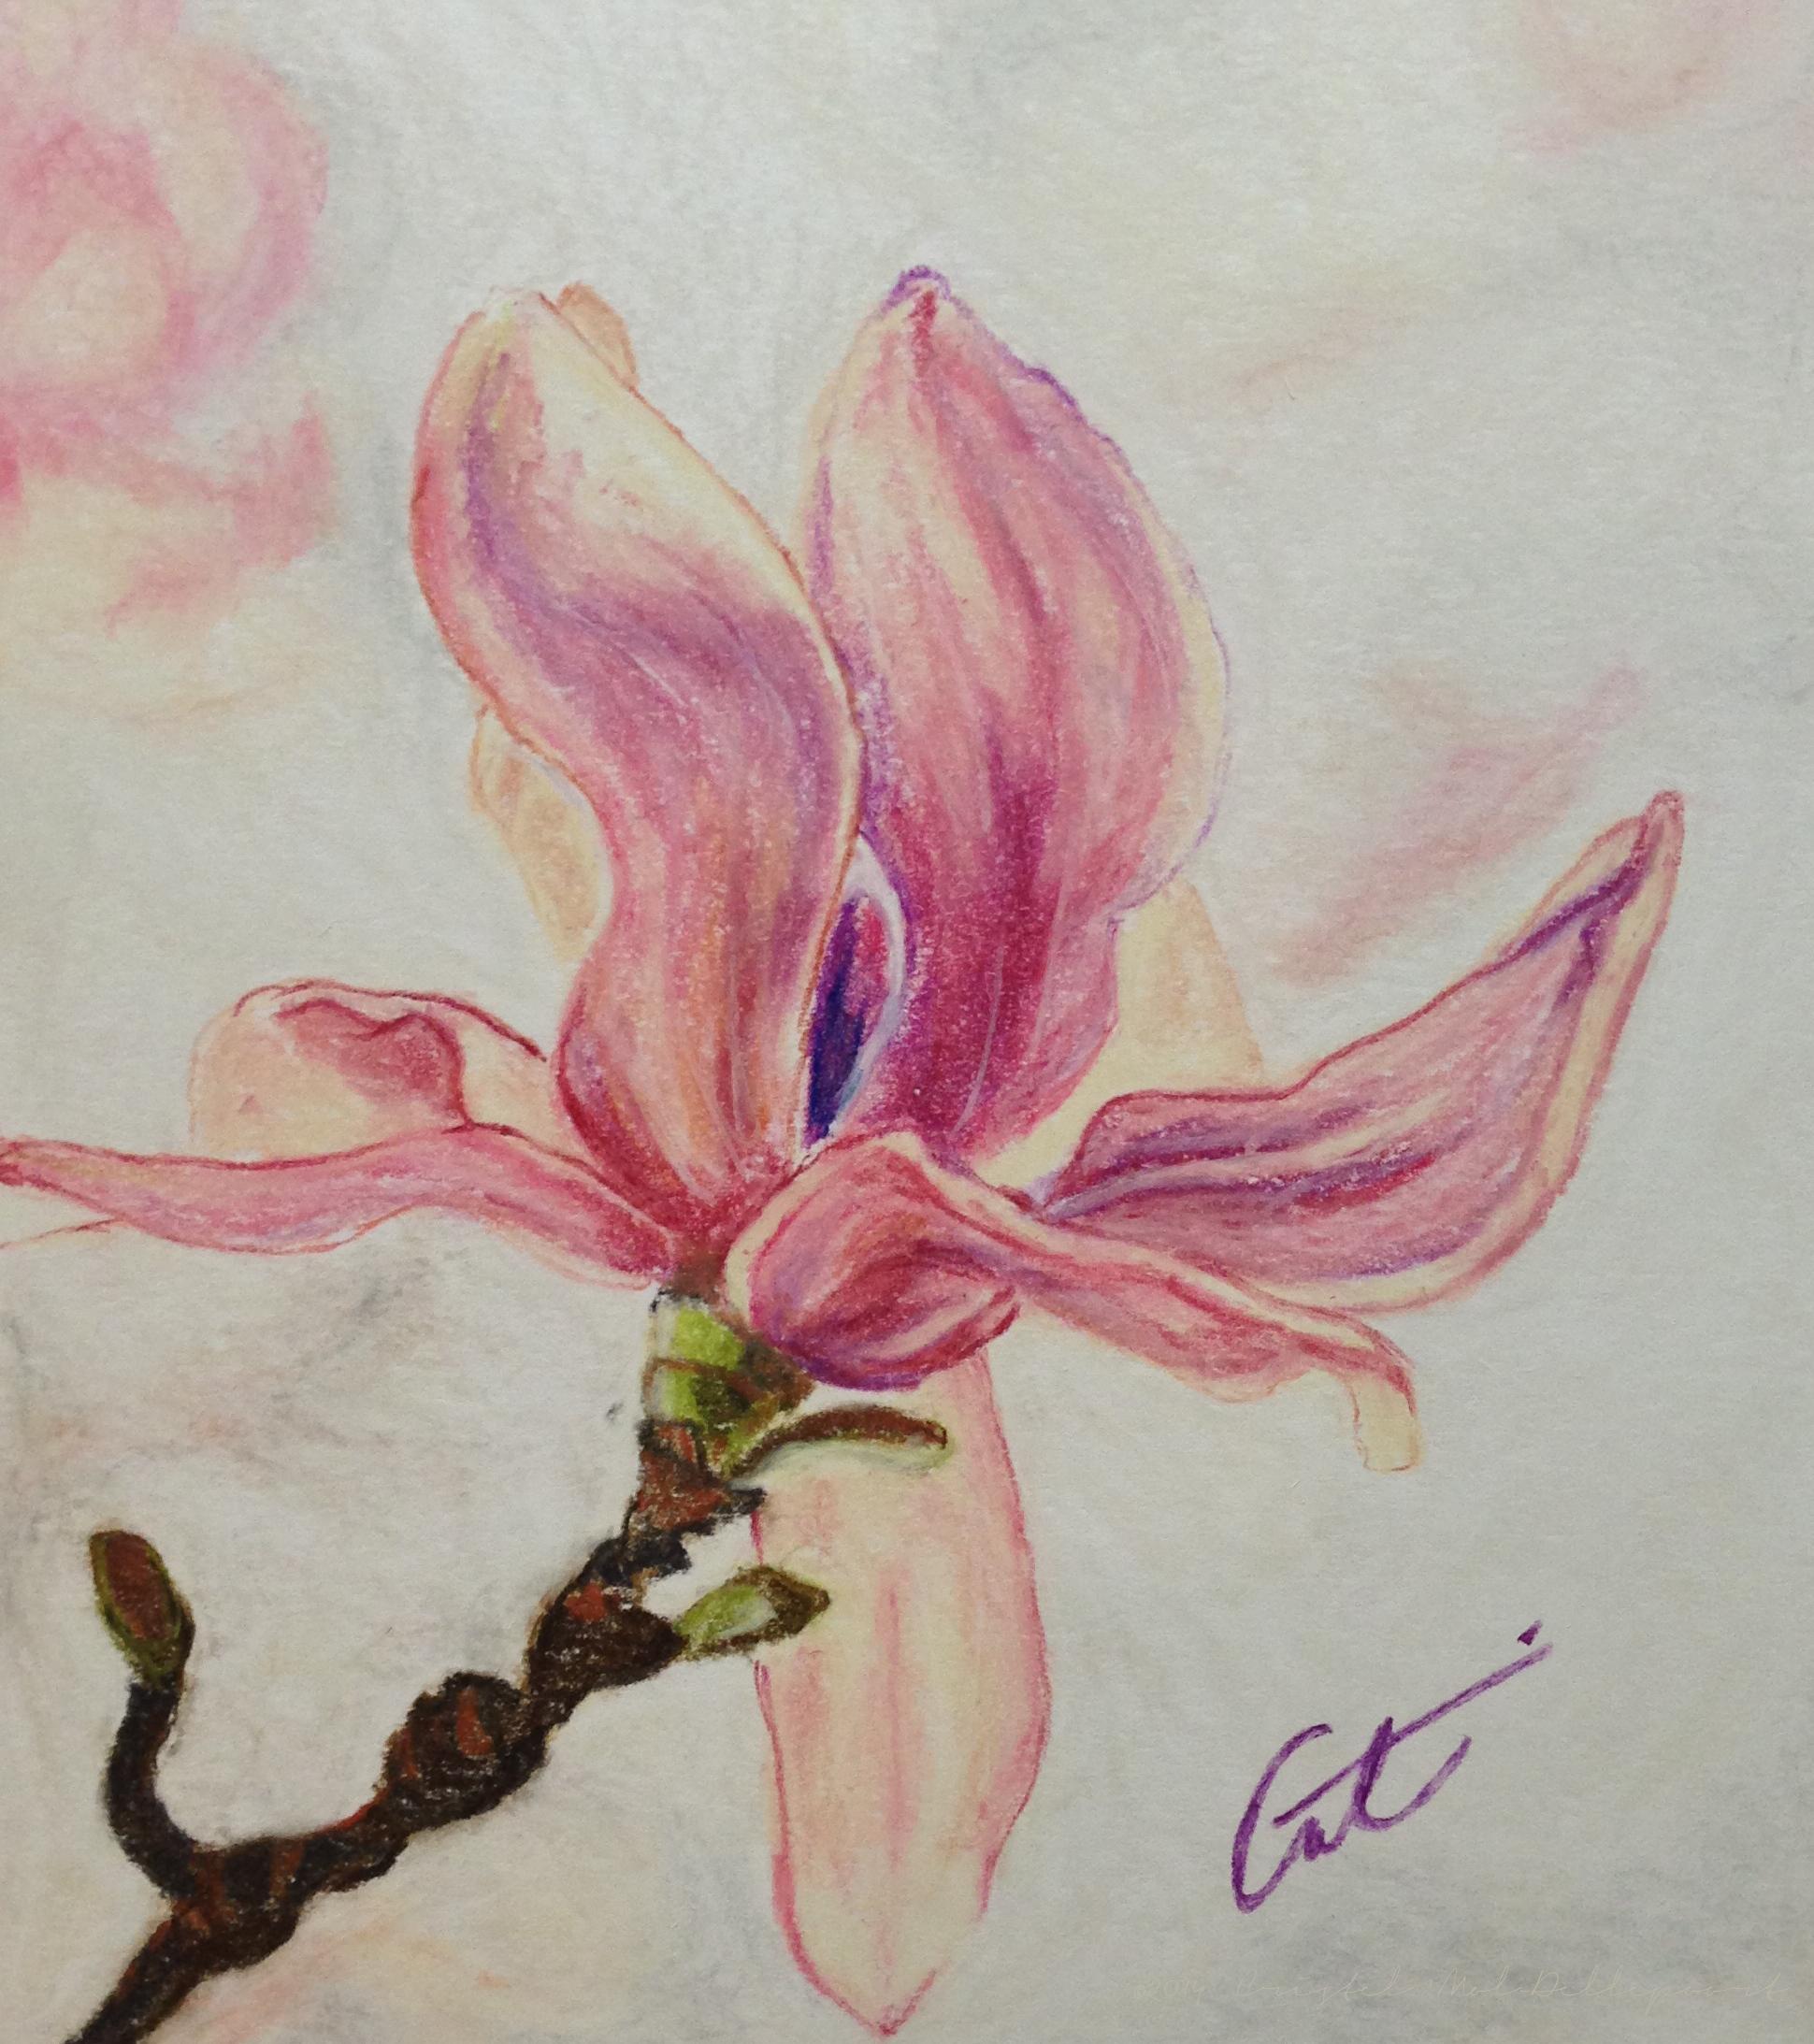 magnolia-flower-pastel-cmd